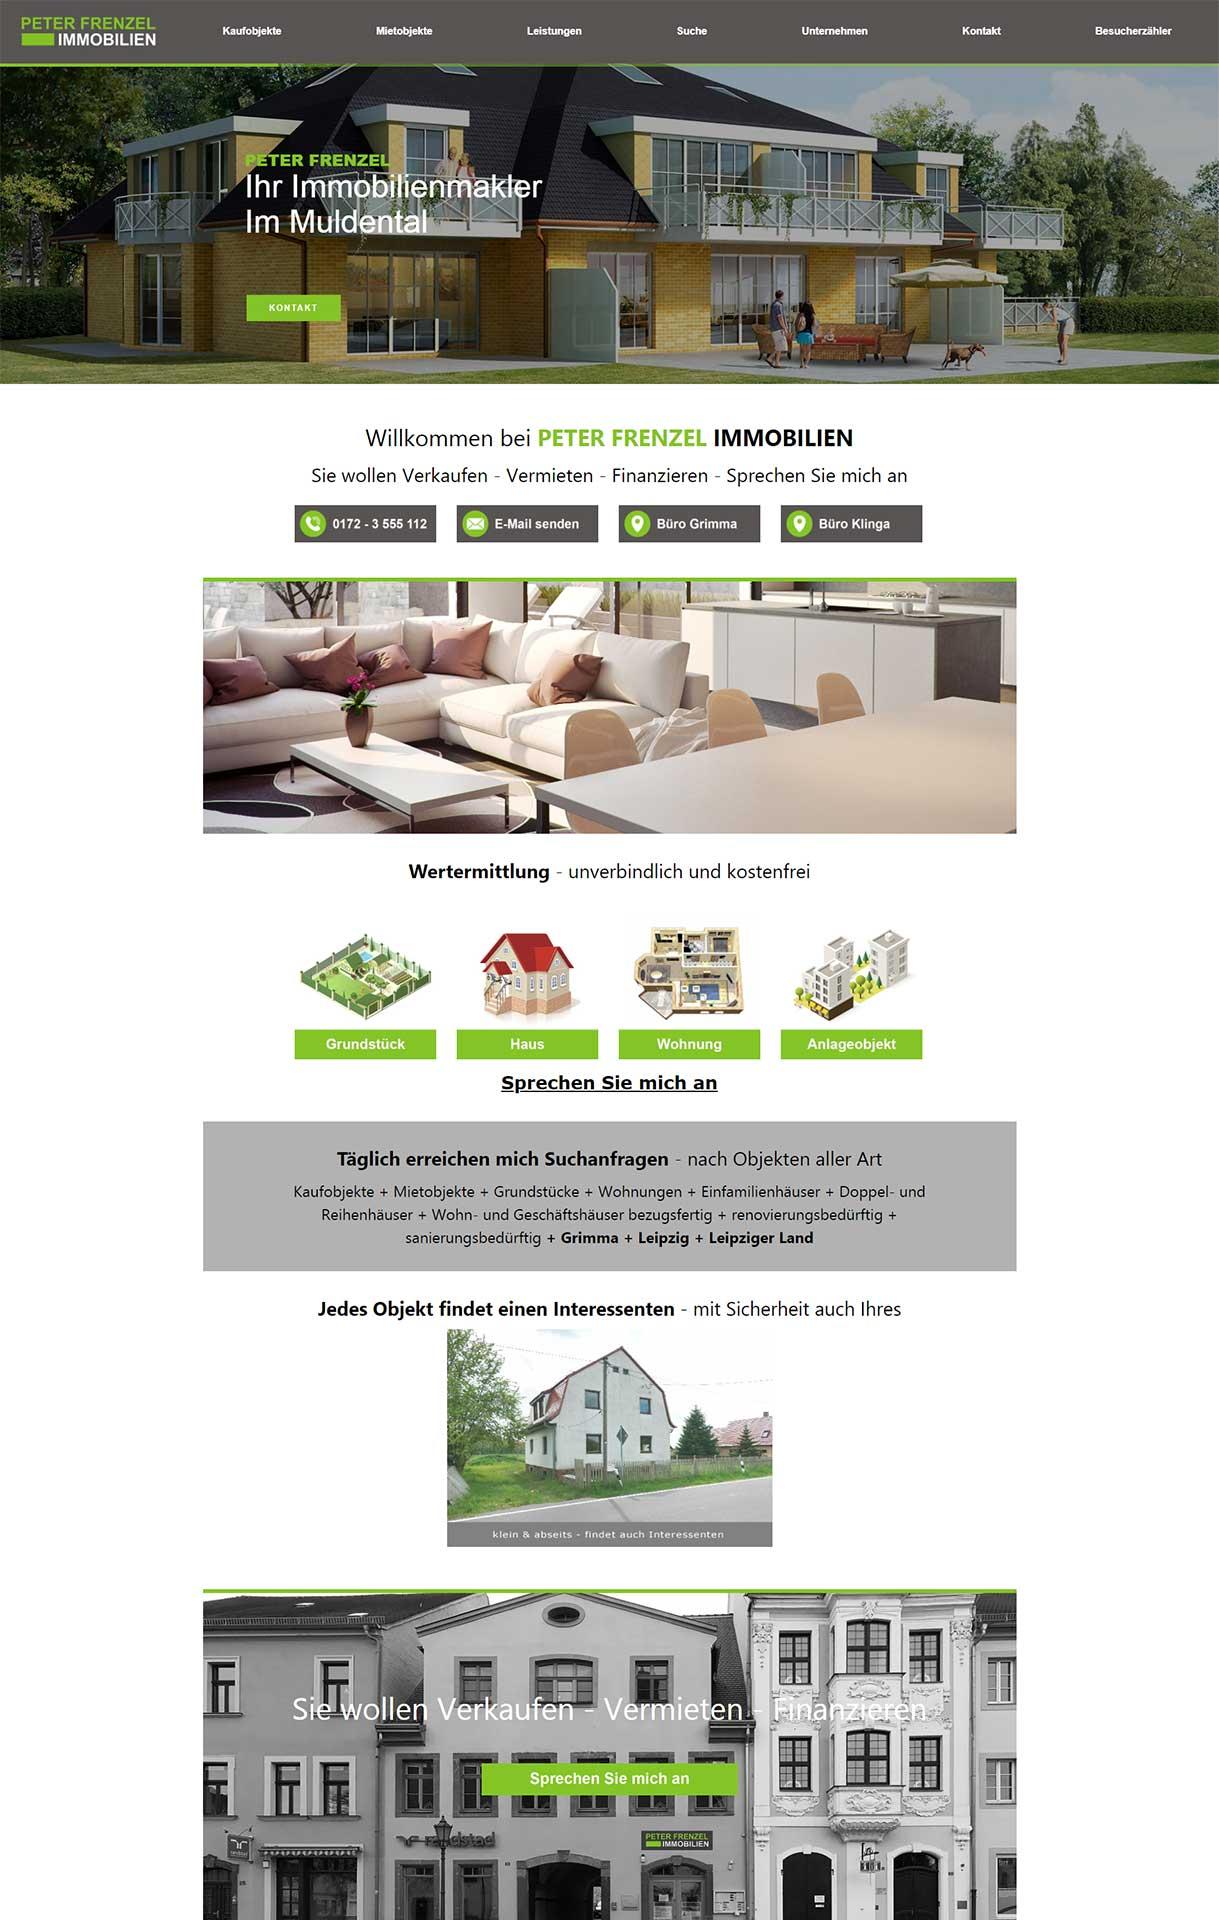 webdesign-flashlightmedia-werbeagentur-leipzig-grimma-startseite-pf-immobilien-webseite